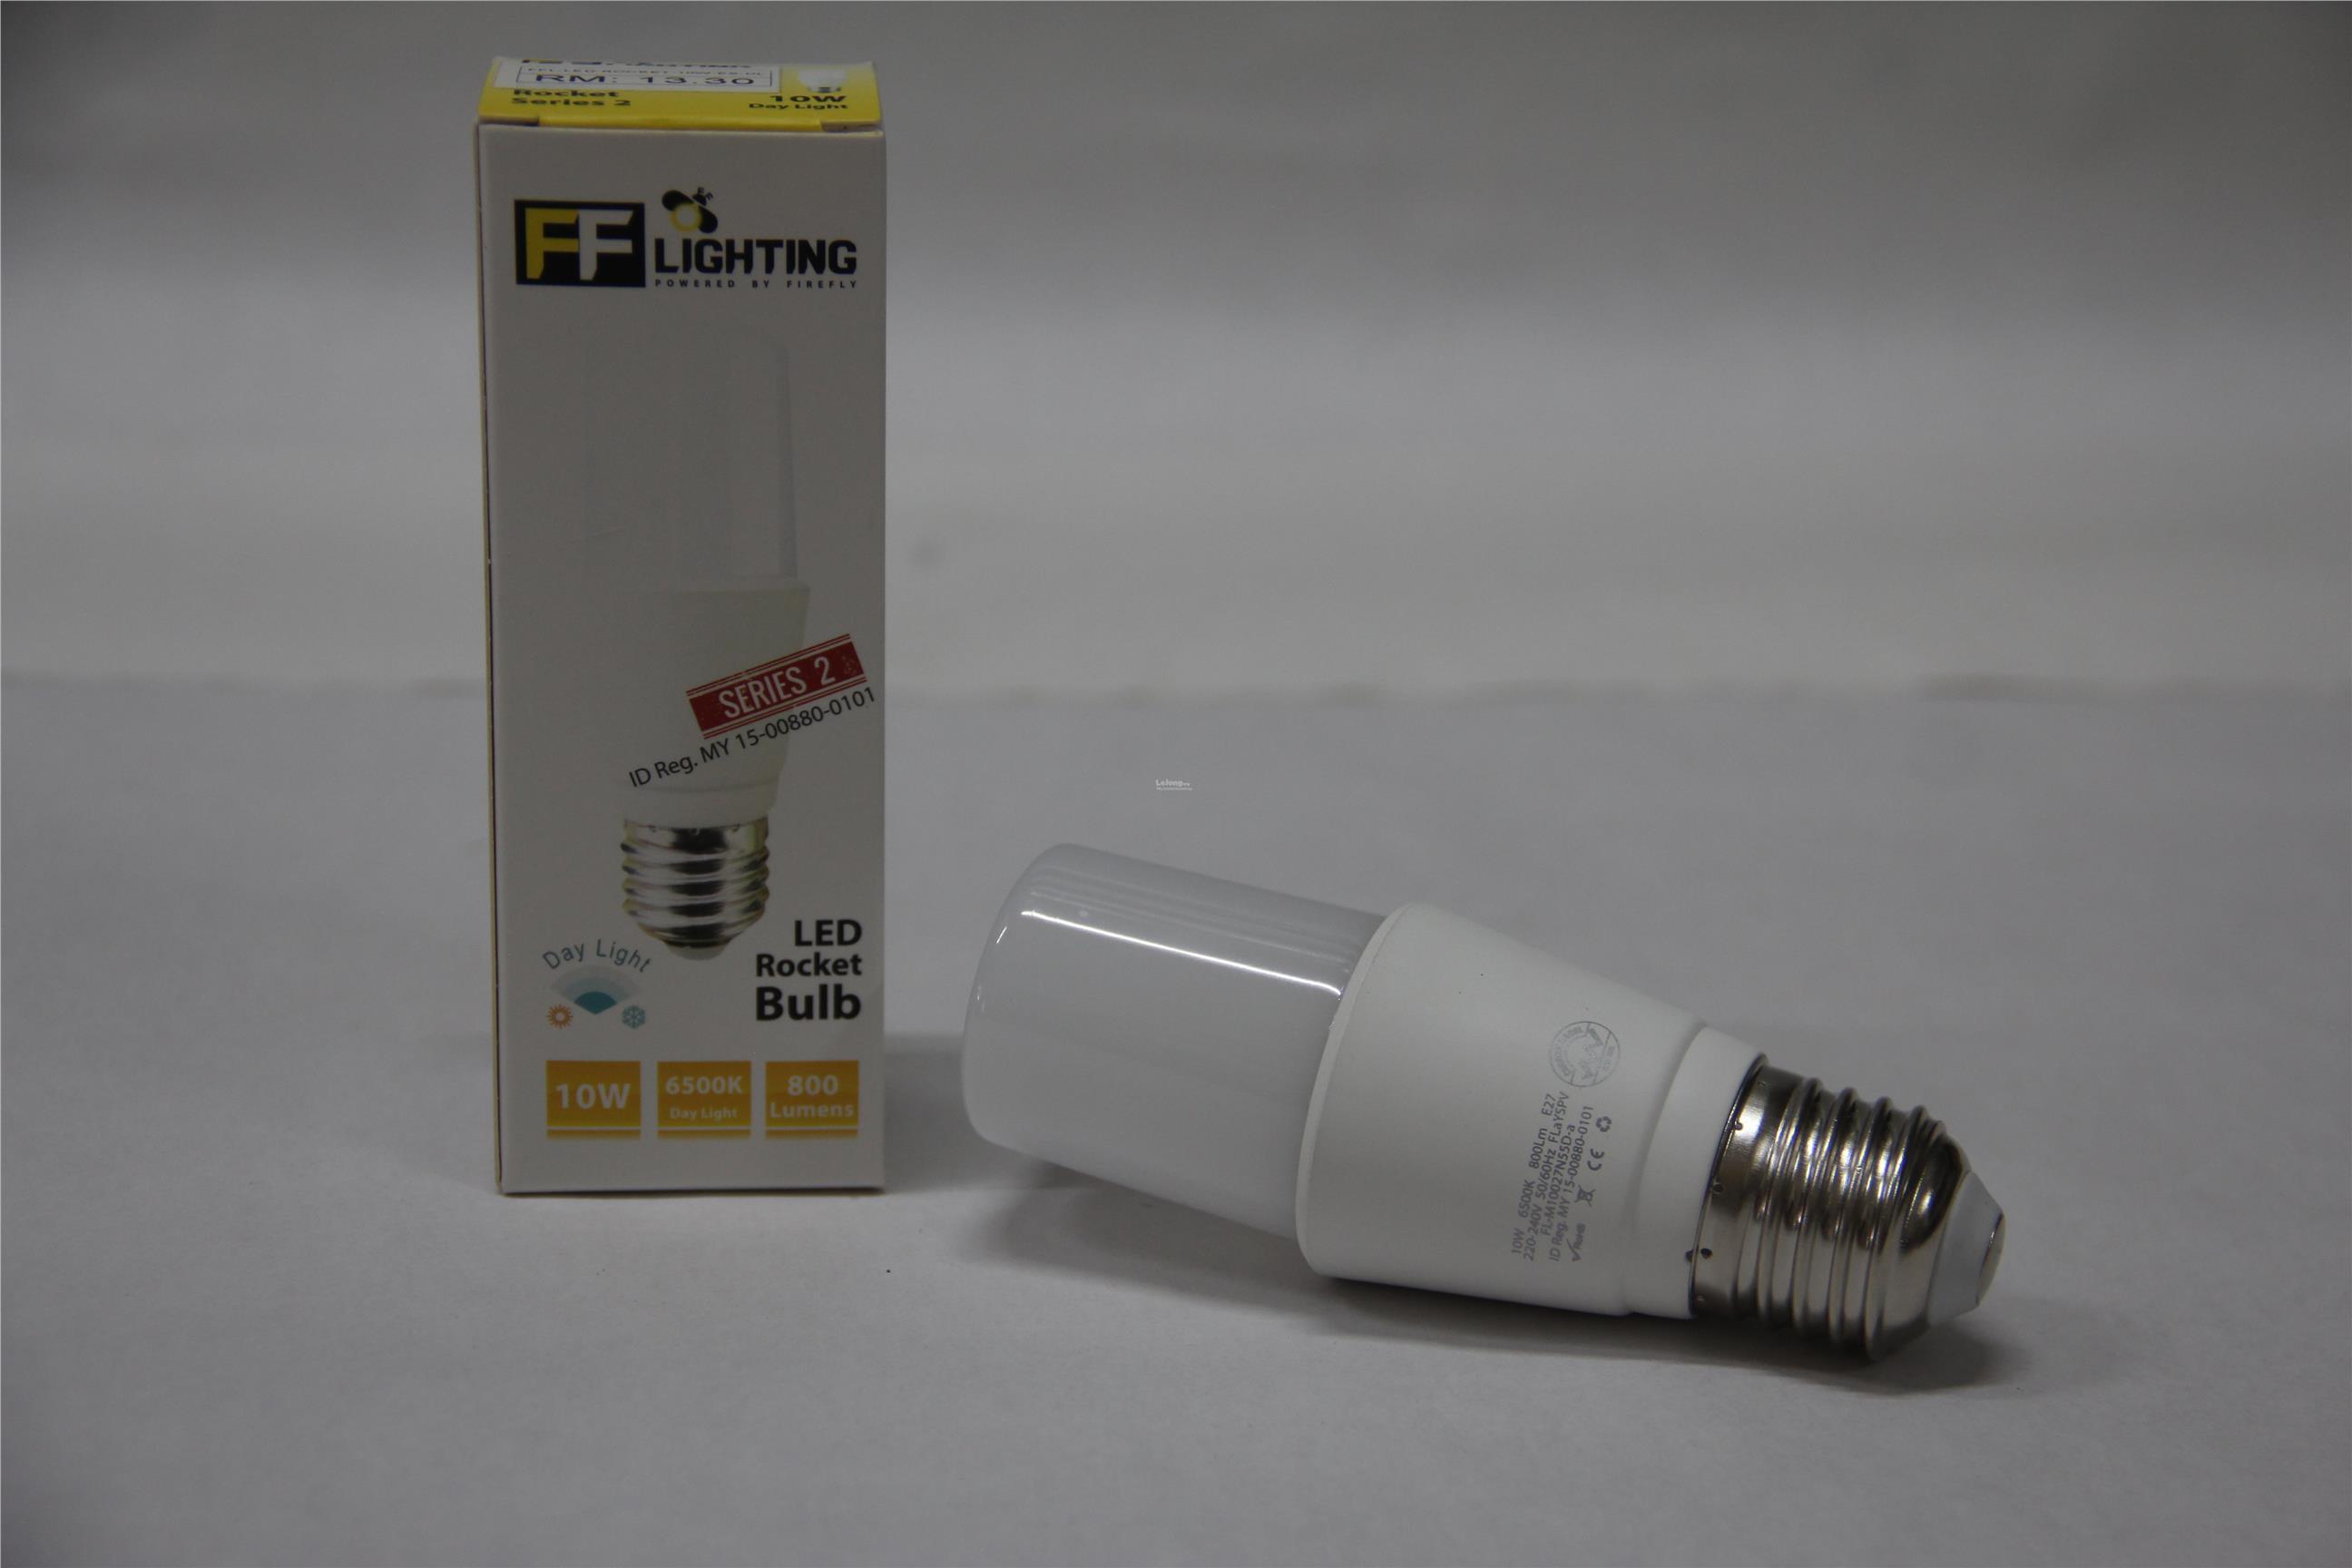 Light Ffl Series Day Bulb Led 2 Rocket 4LS5jc3AqR